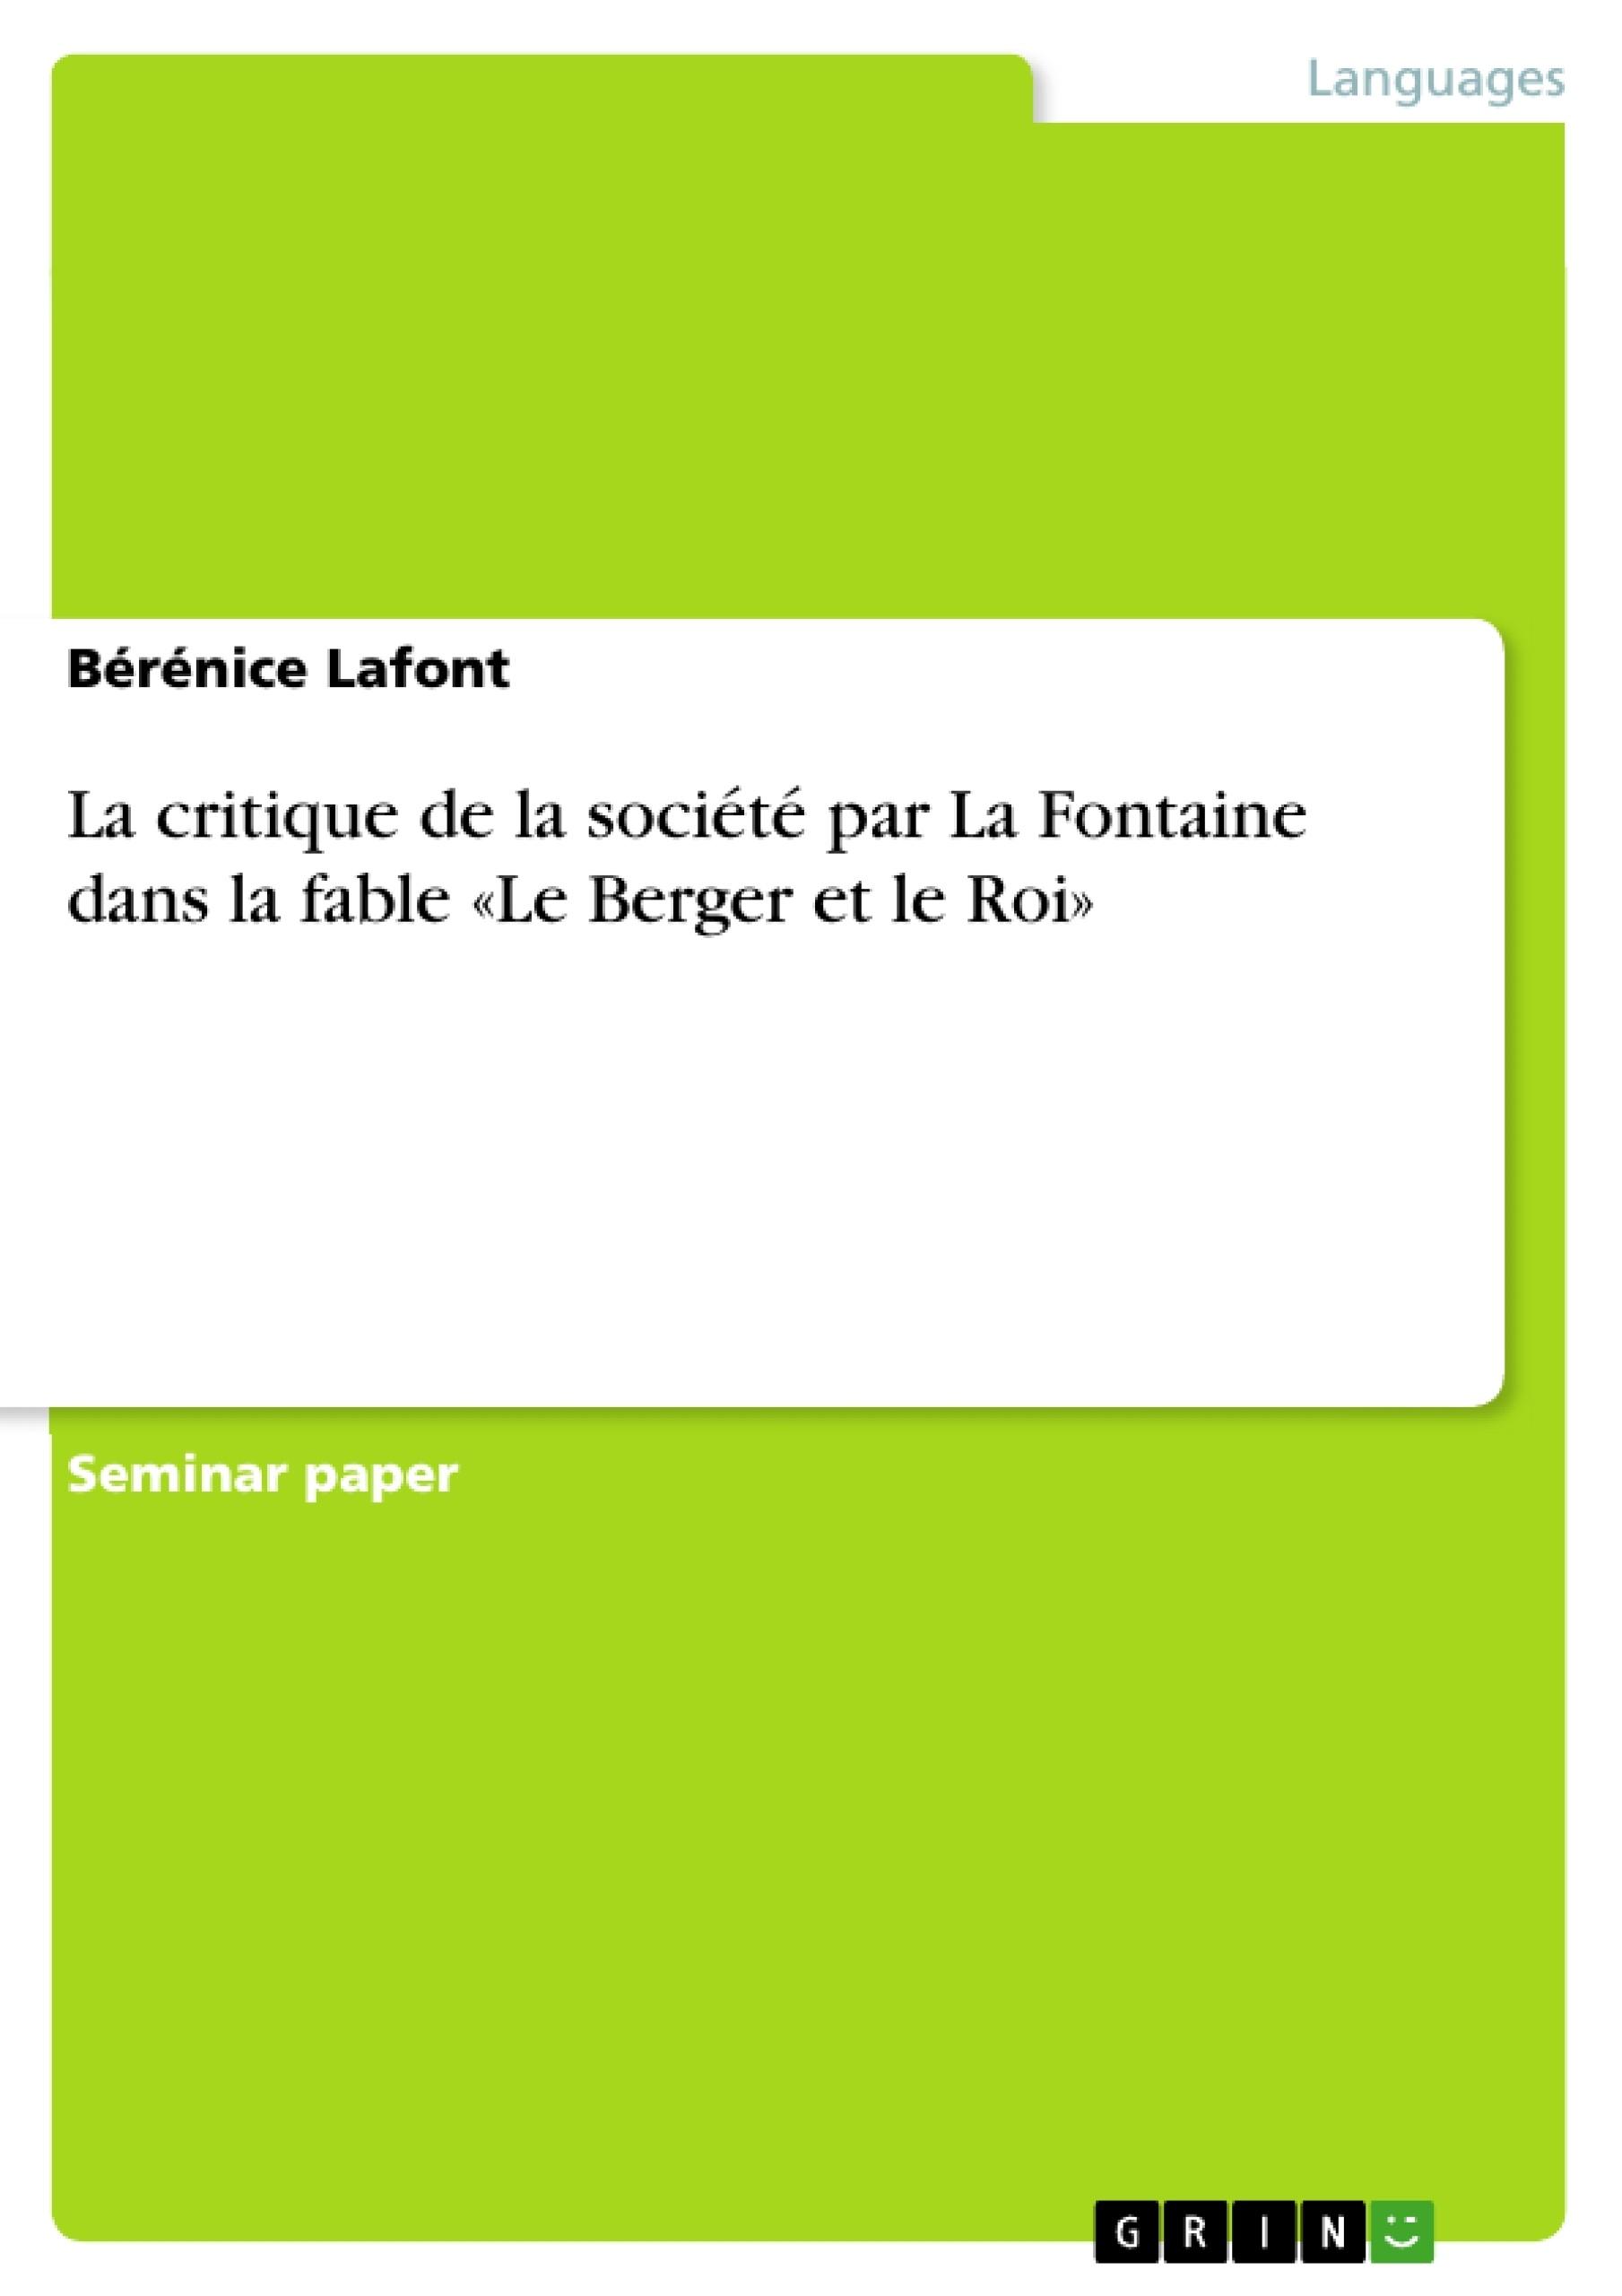 Titre: La critique de la société par La Fontaine dans la fable «Le Berger et le Roi»